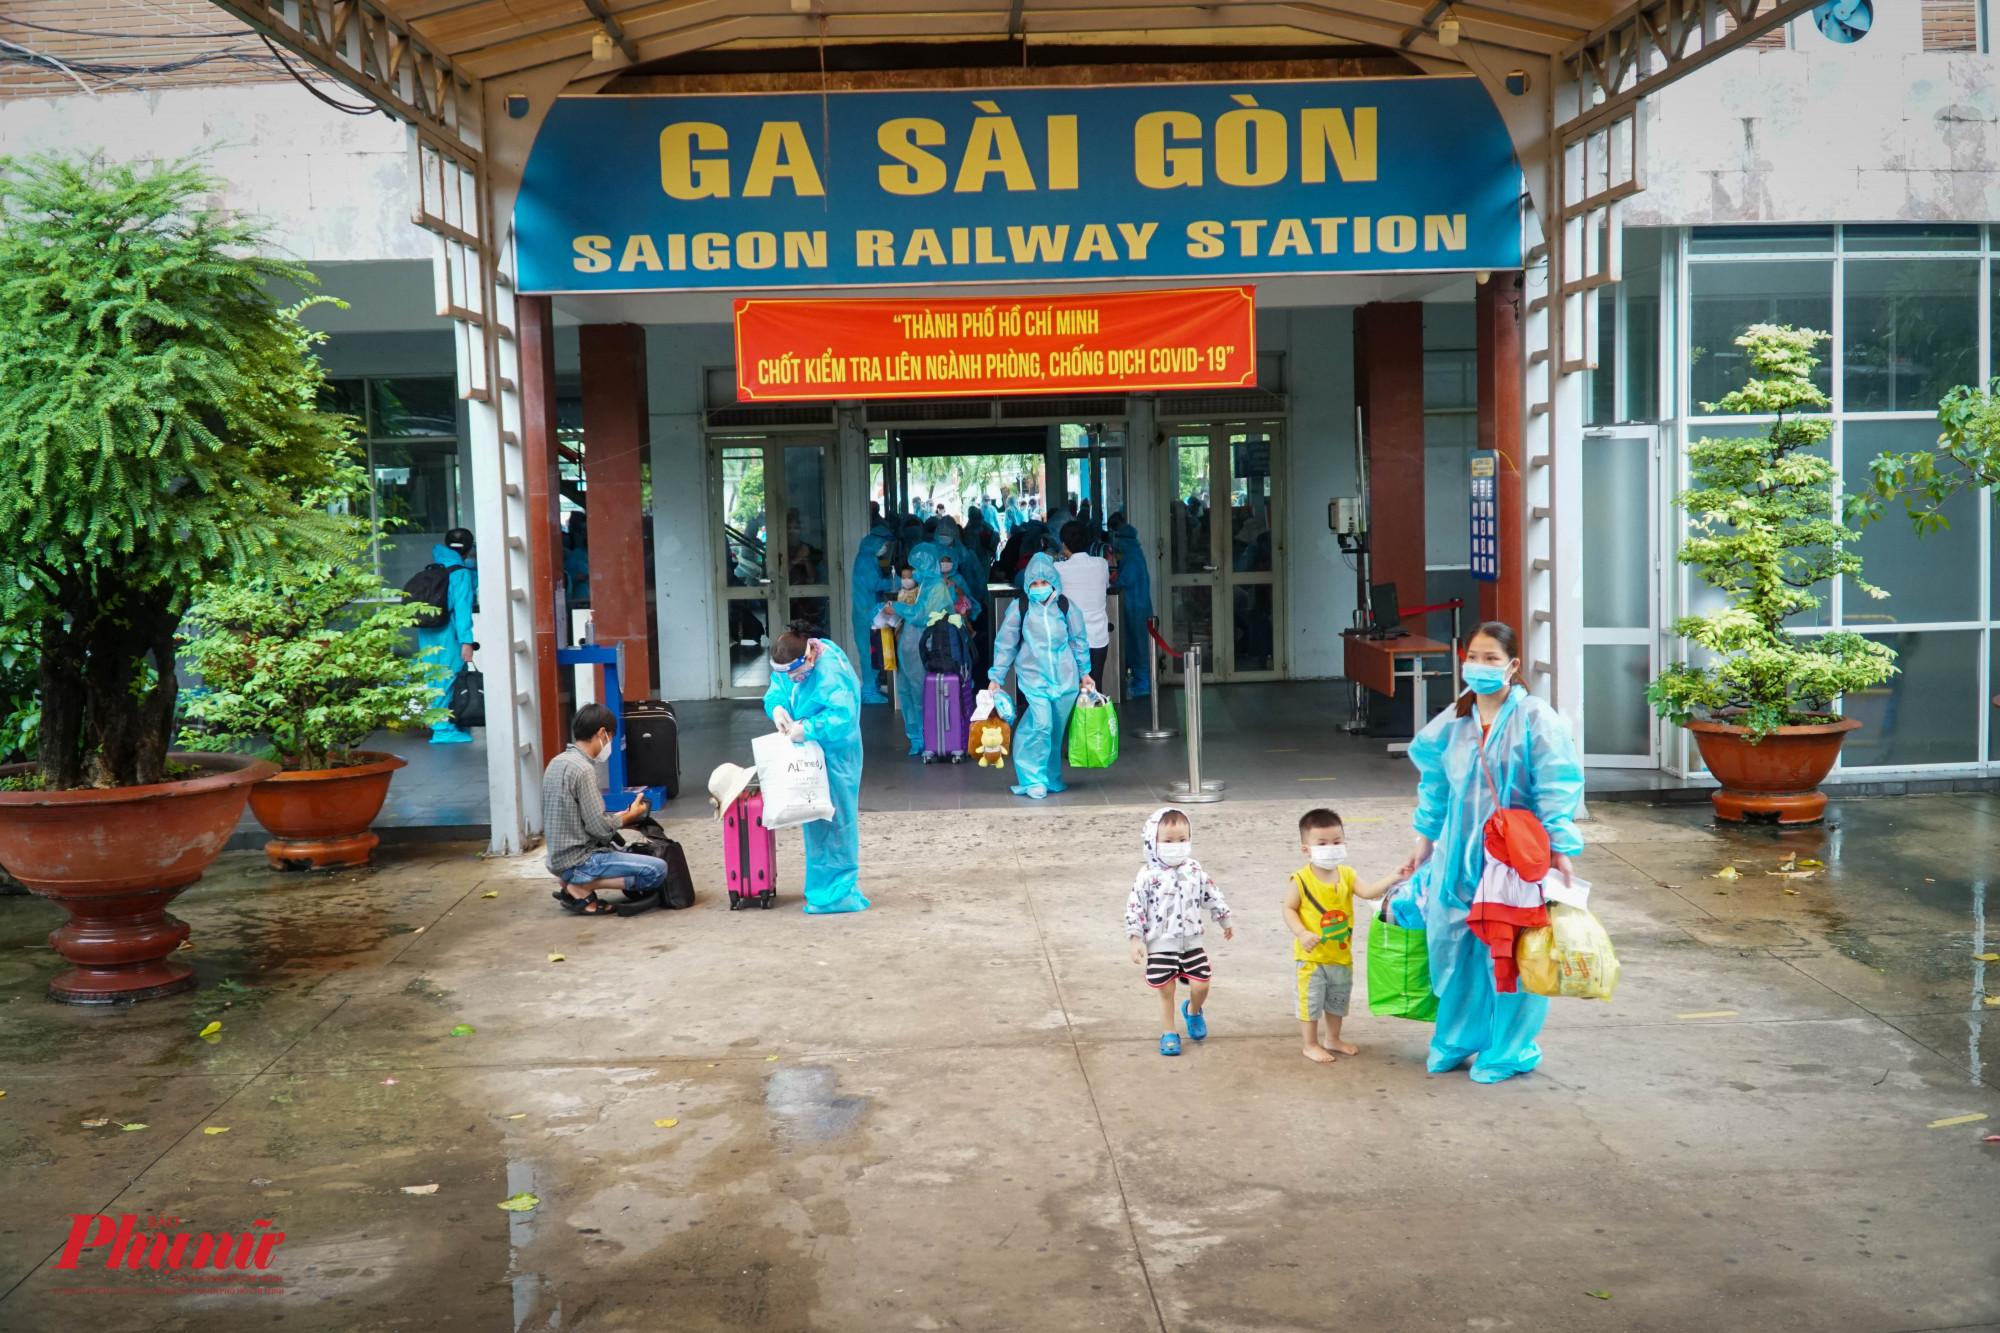 Ngành đường sắt đã mở lịch bán vé tàu Tết  Nhâm Dần 2022